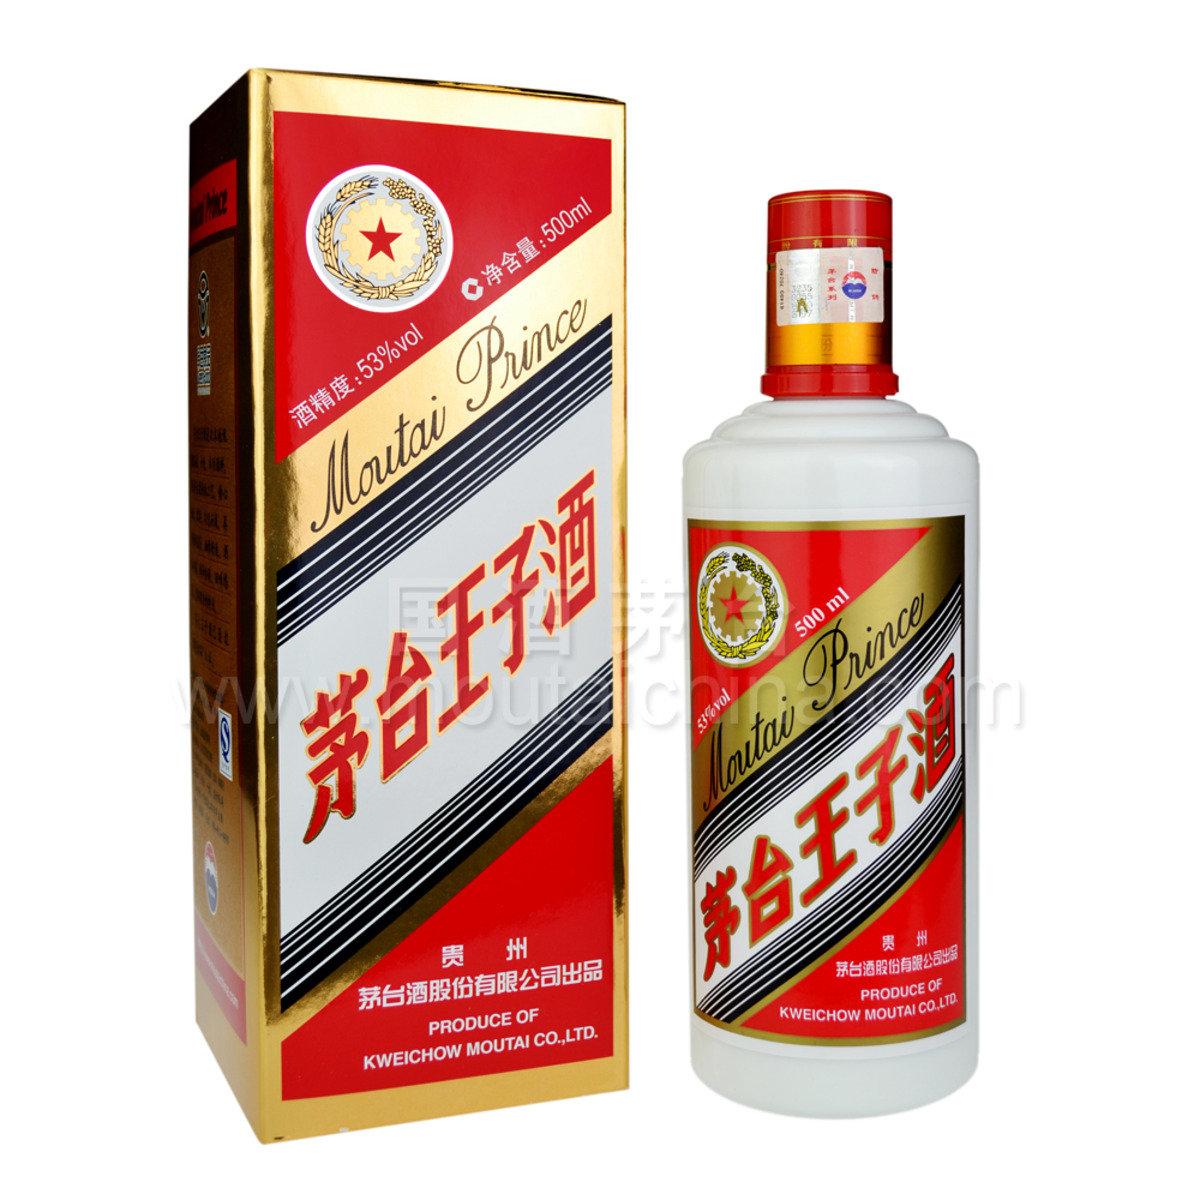 茅台王子酒500毫升 53% 酒精度 醬香型白酒